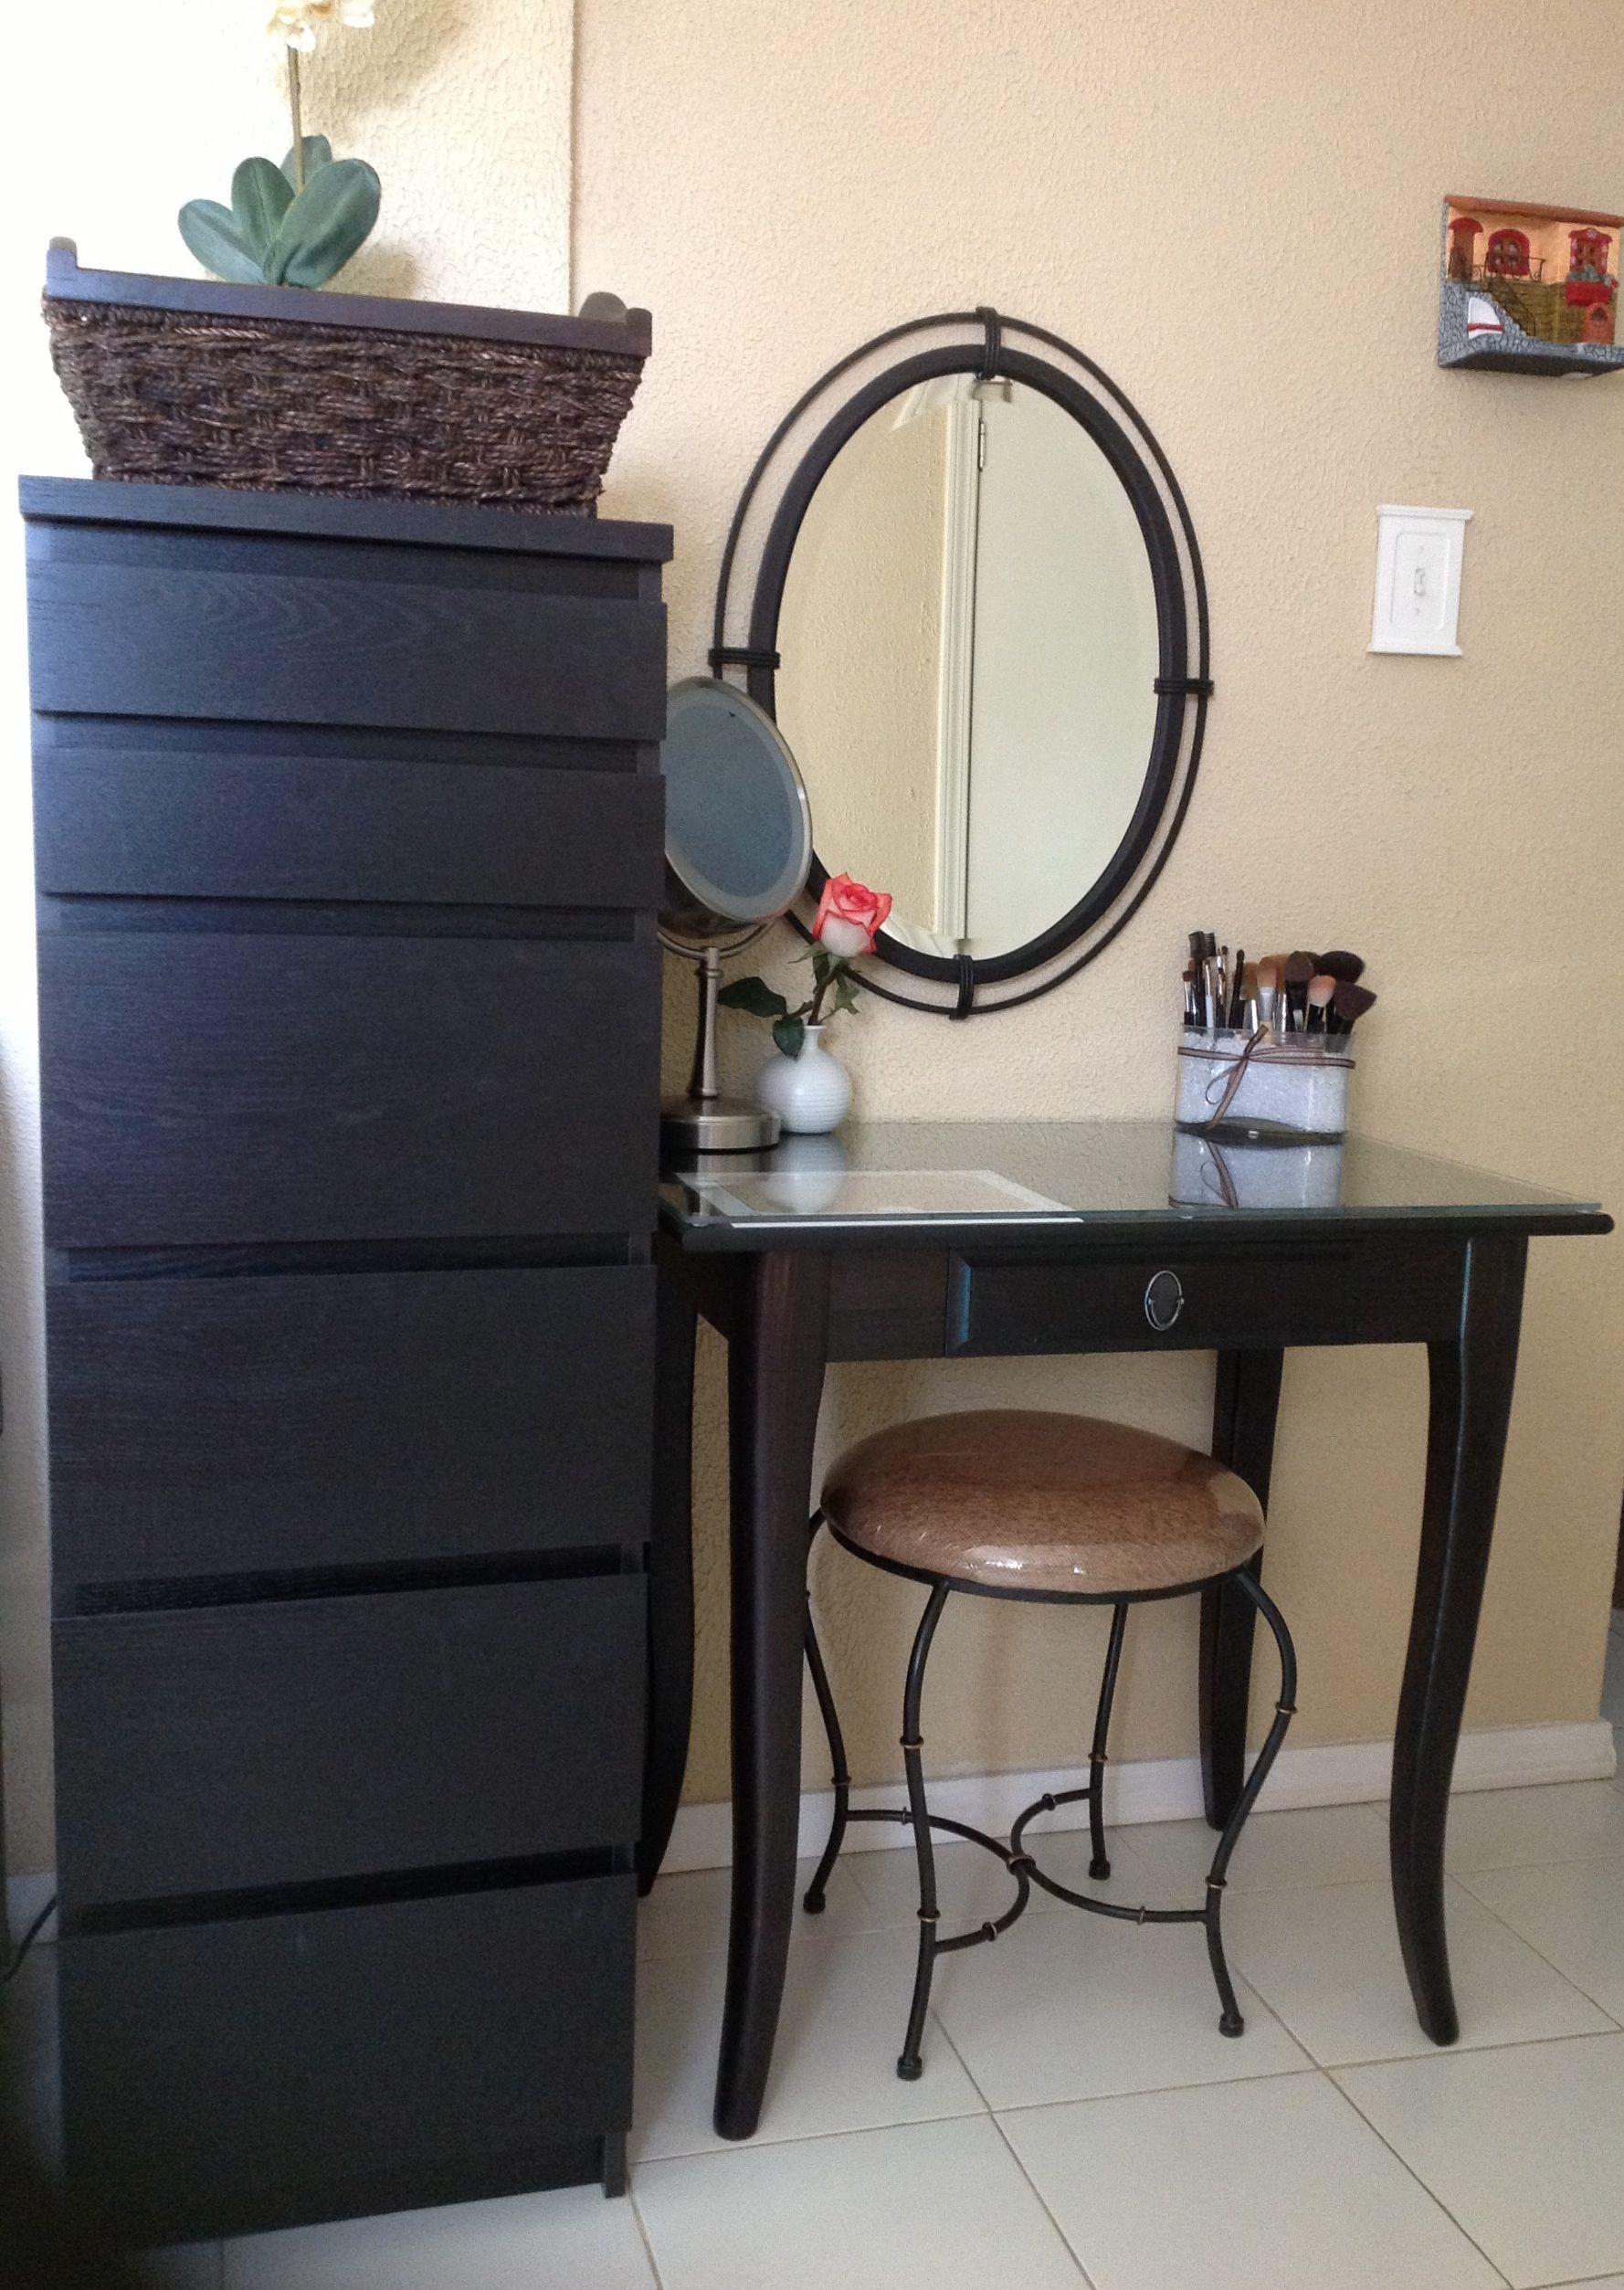 Makeup Dresser A Make Up Organizer And Vanity Thats Not A Makeup Organizer